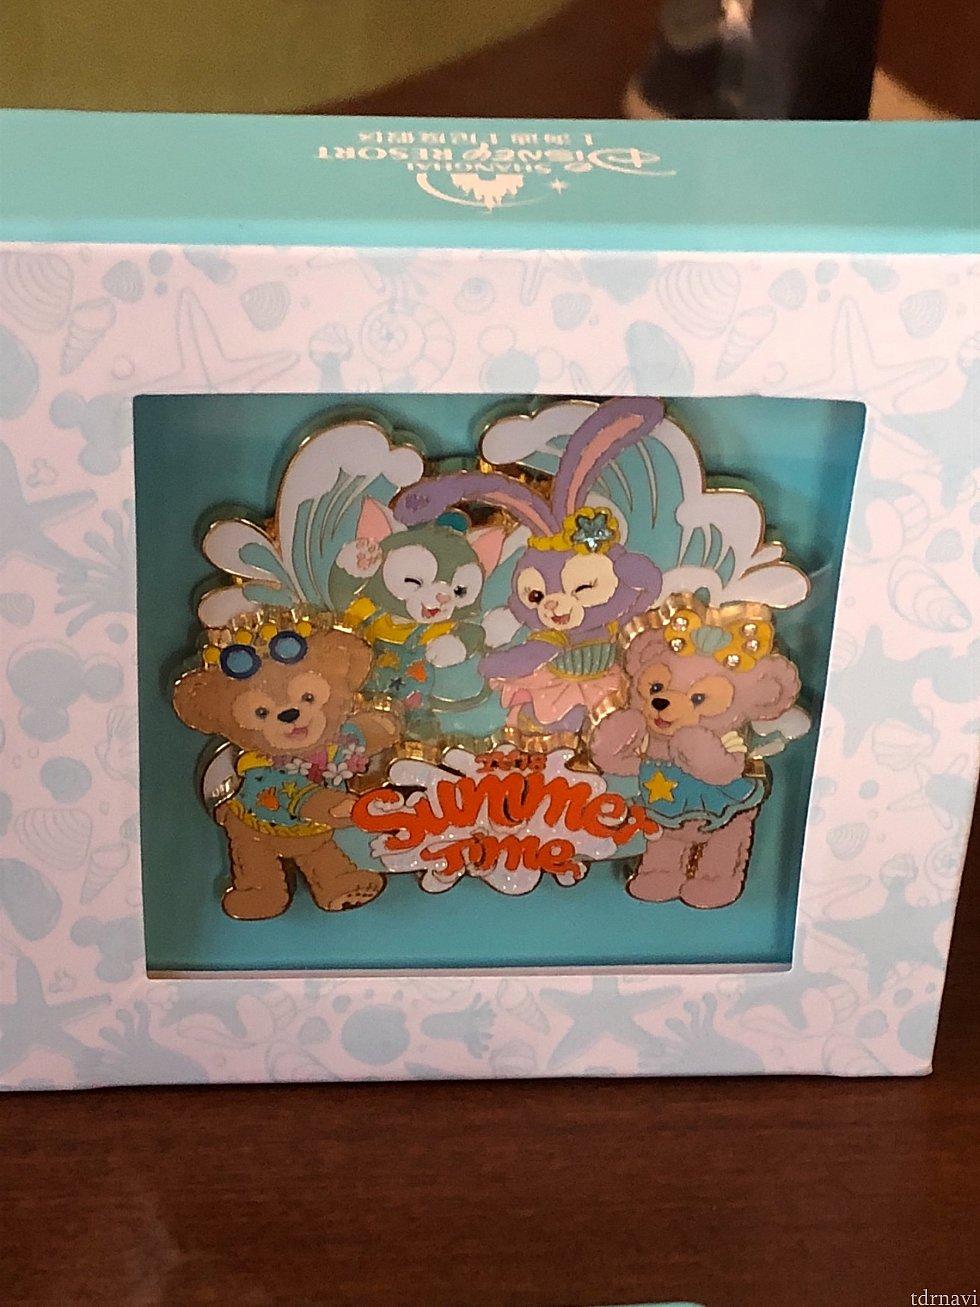 箱入りのダッフィー&フレンズピン(限定300) 249元